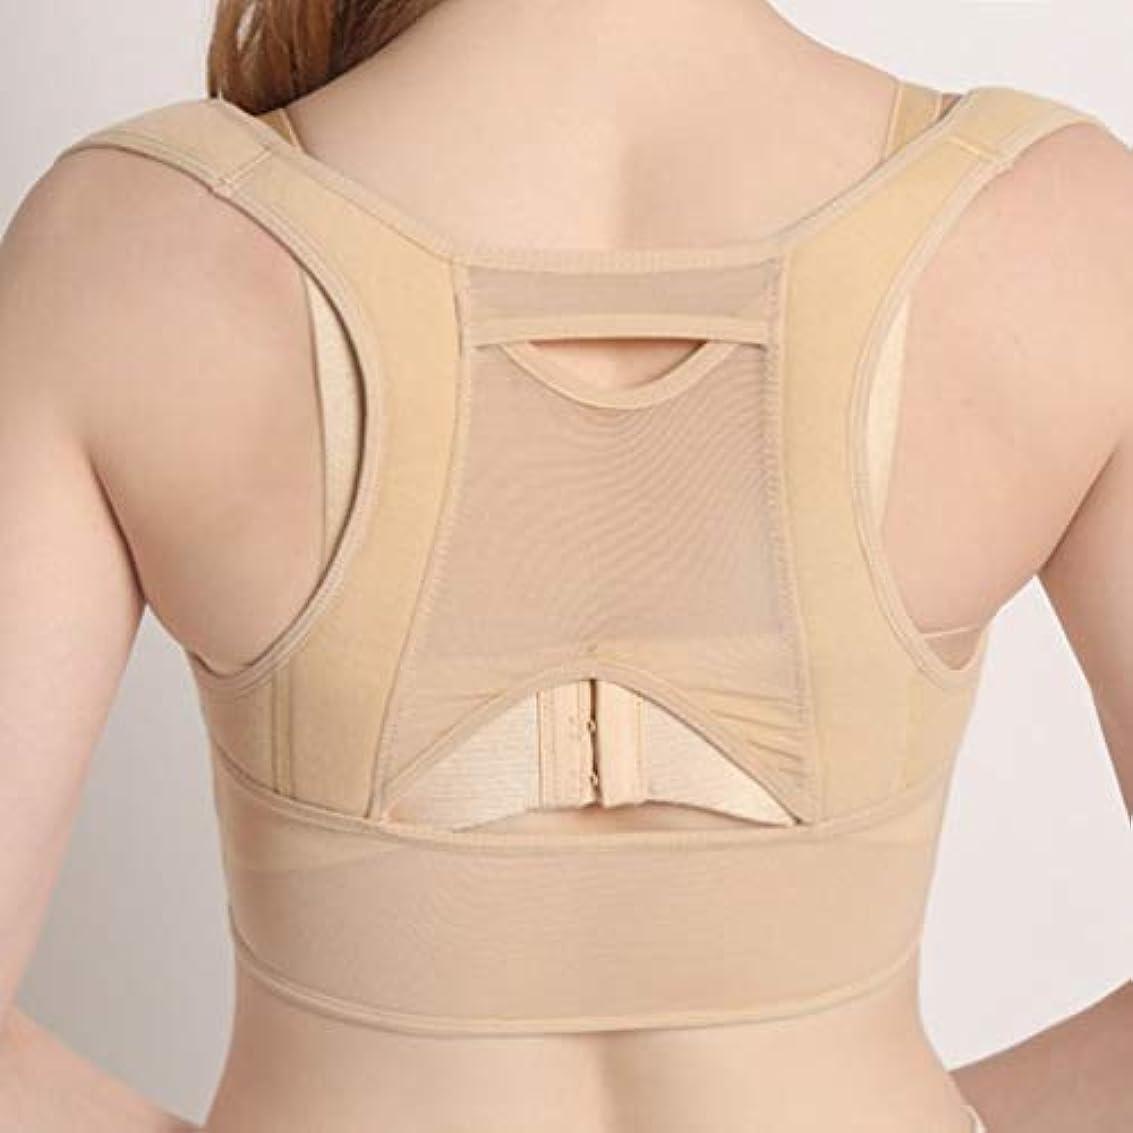 デイジー適合しました哲学博士通気性のある女性の背中の姿勢矯正コルセット整形外科の肩の背骨の姿勢矯正腰椎サポート - ベージュホワイトM